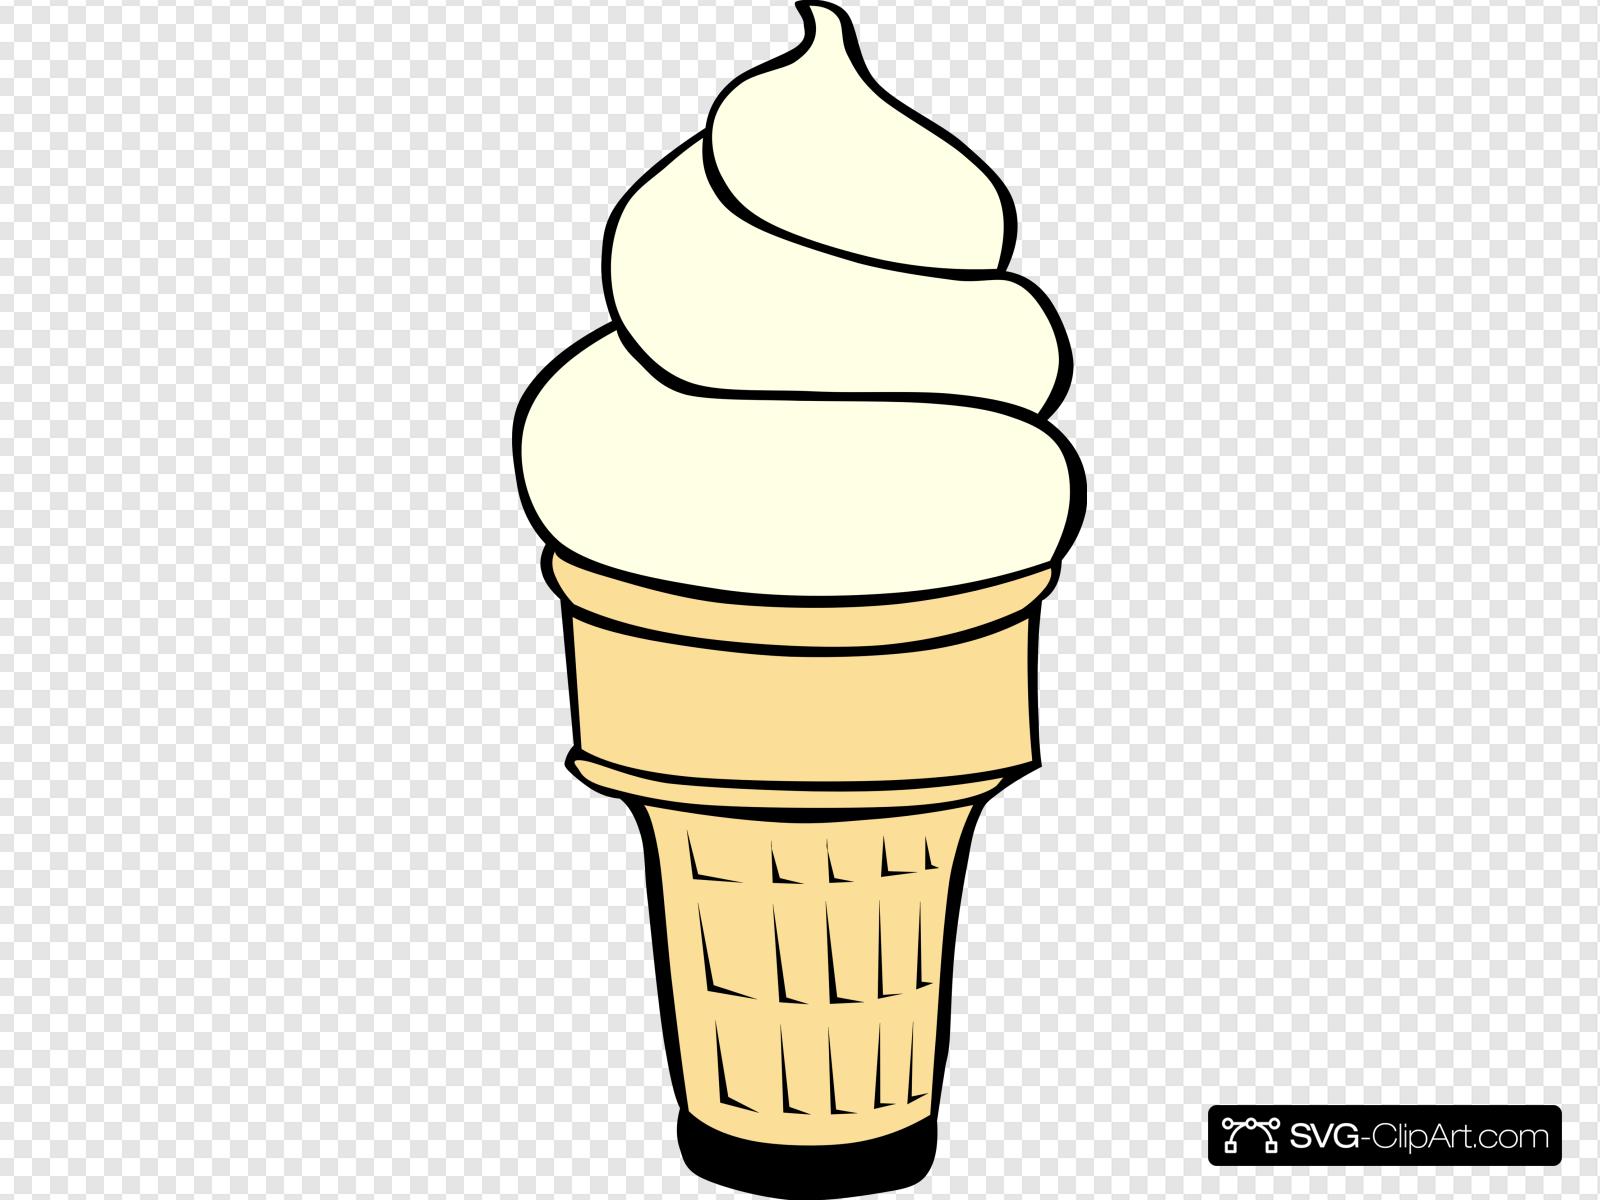 Vanilla Soft Serve Ice Cream Cone Clip art, Icon and SVG.